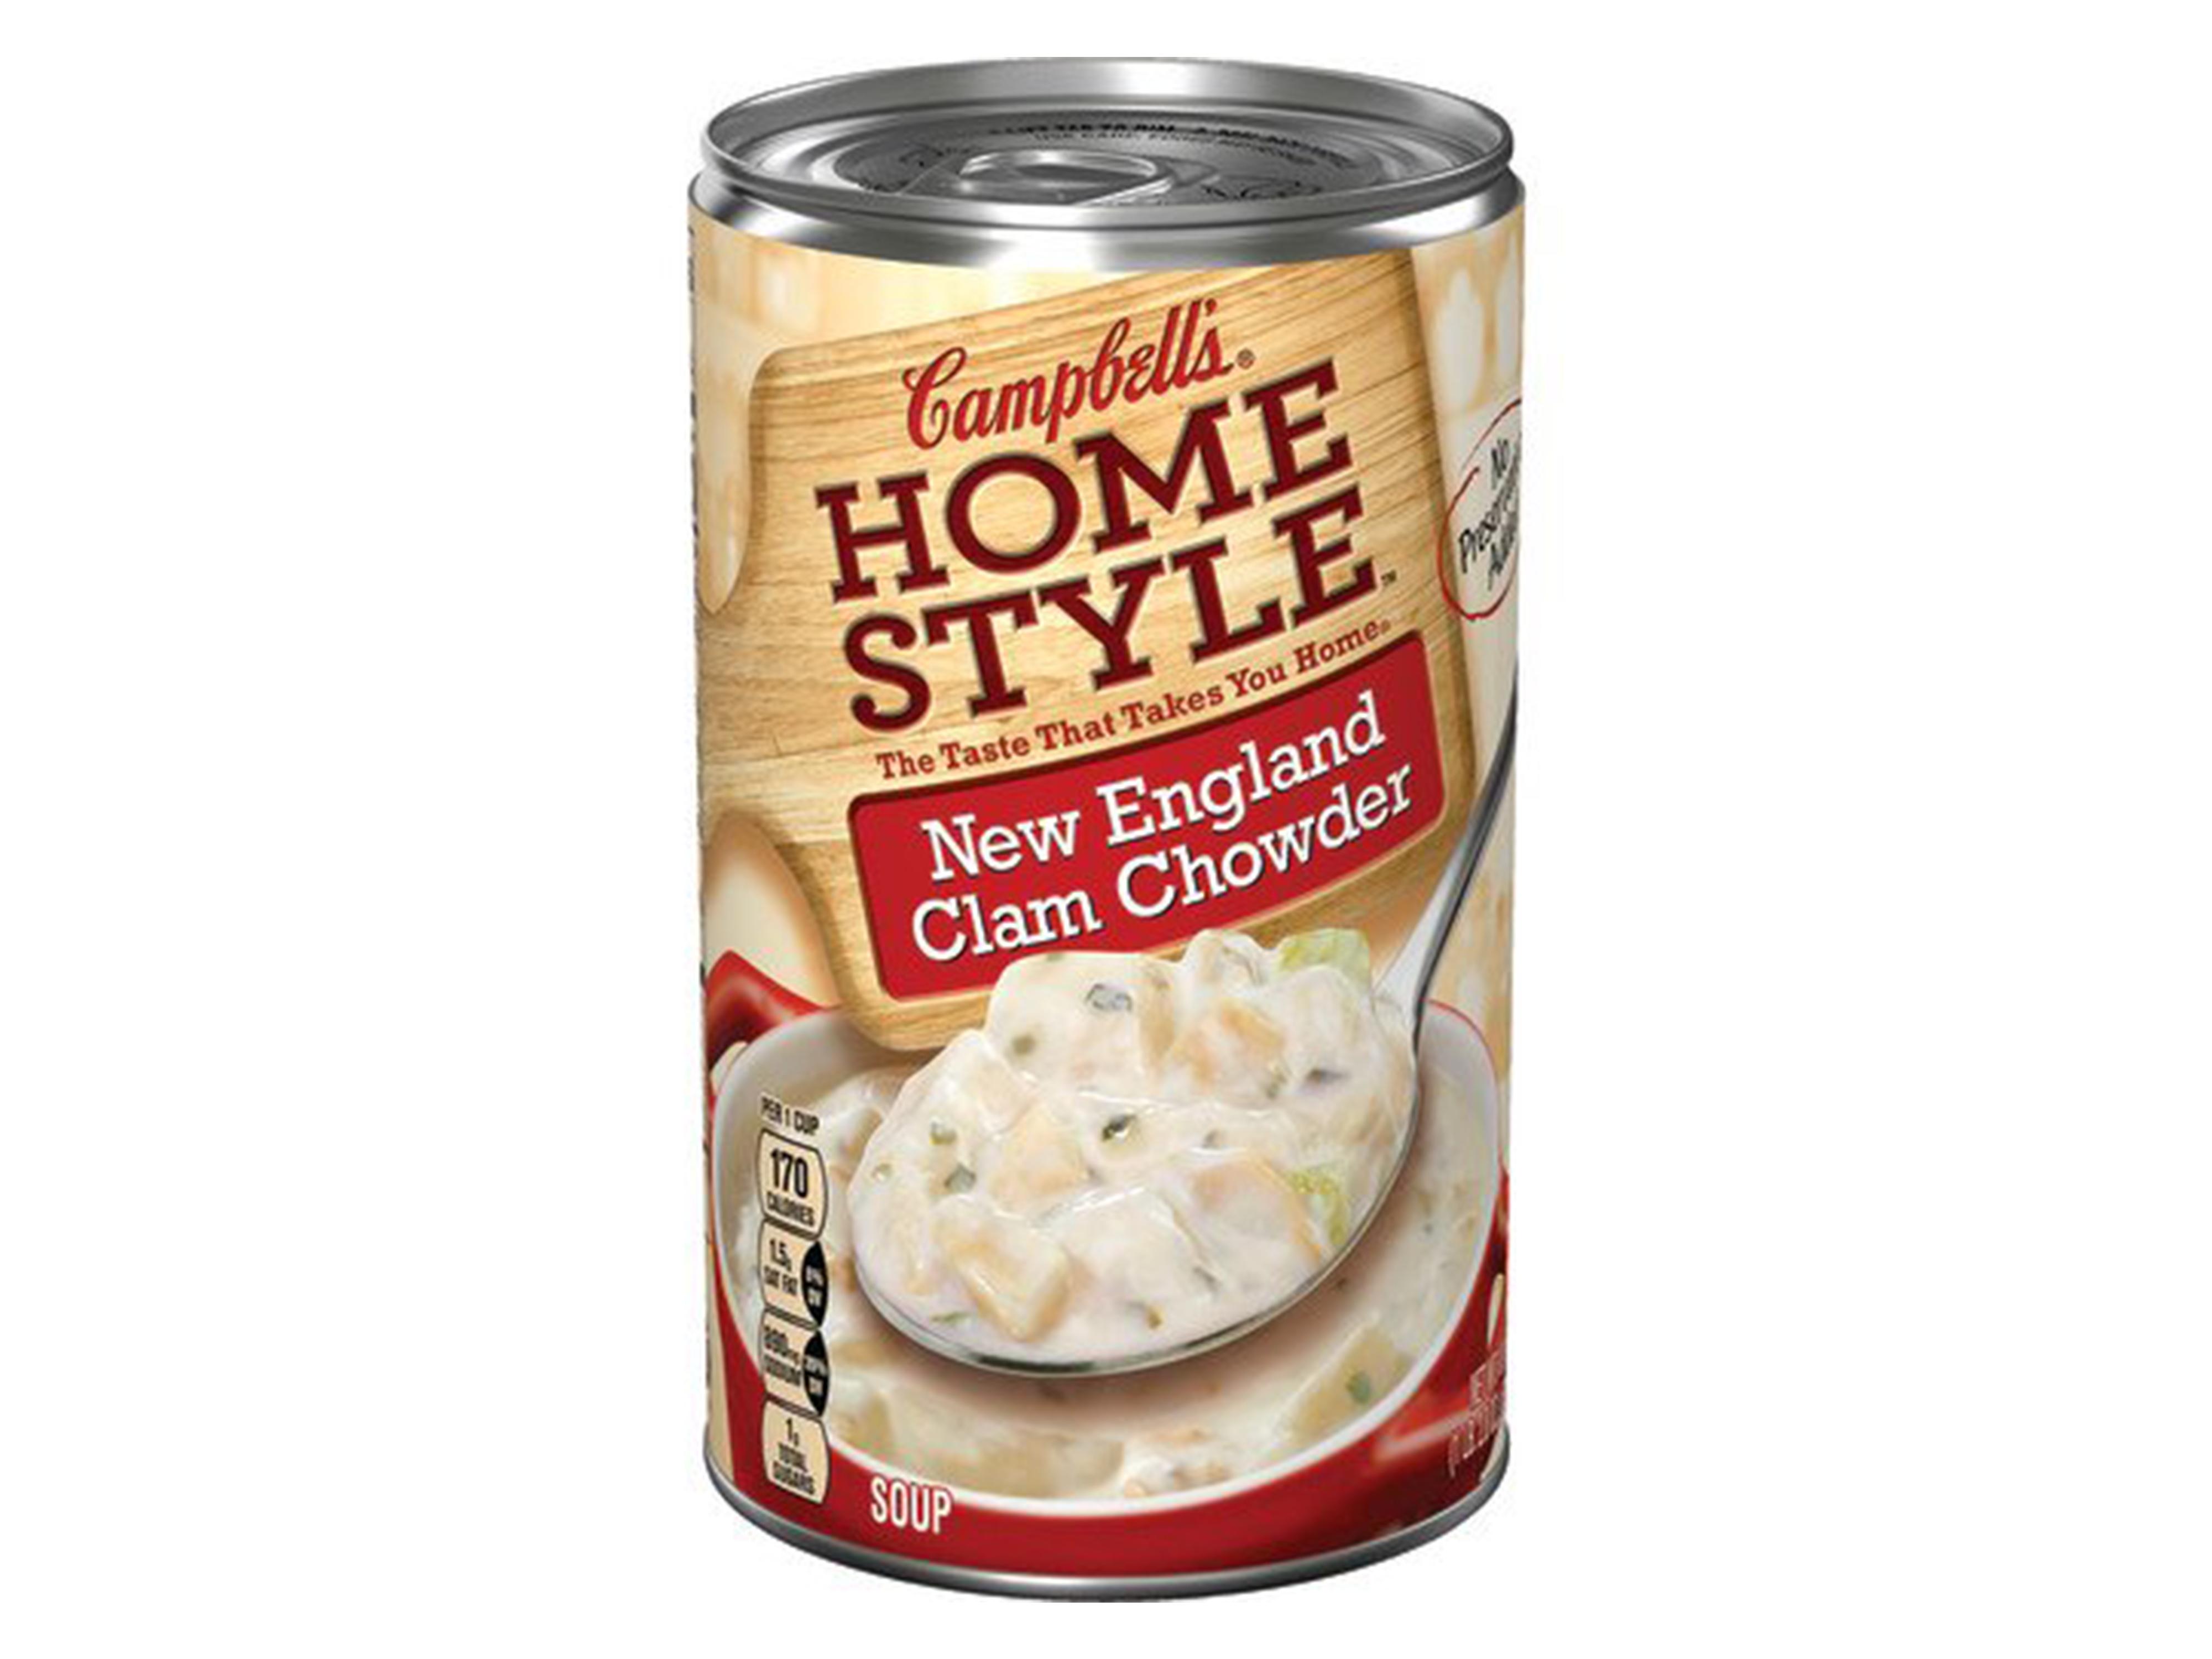 homestyle-clam-chowder